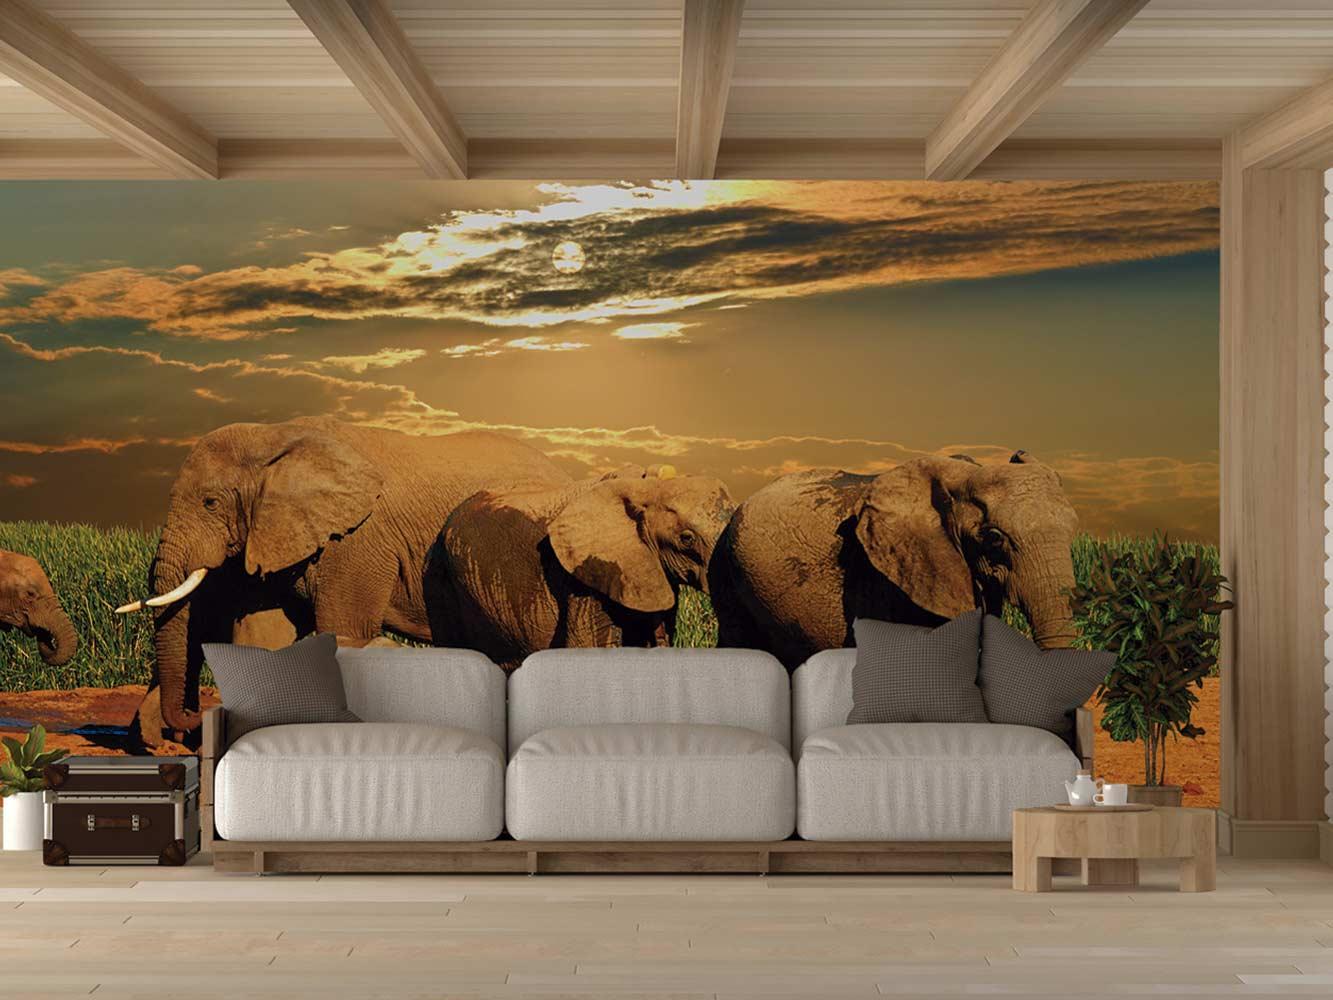 Fotomural Vinilo Parque Addo Sudáfrica | Carteles XXL - Impresión carteleria publicitaria